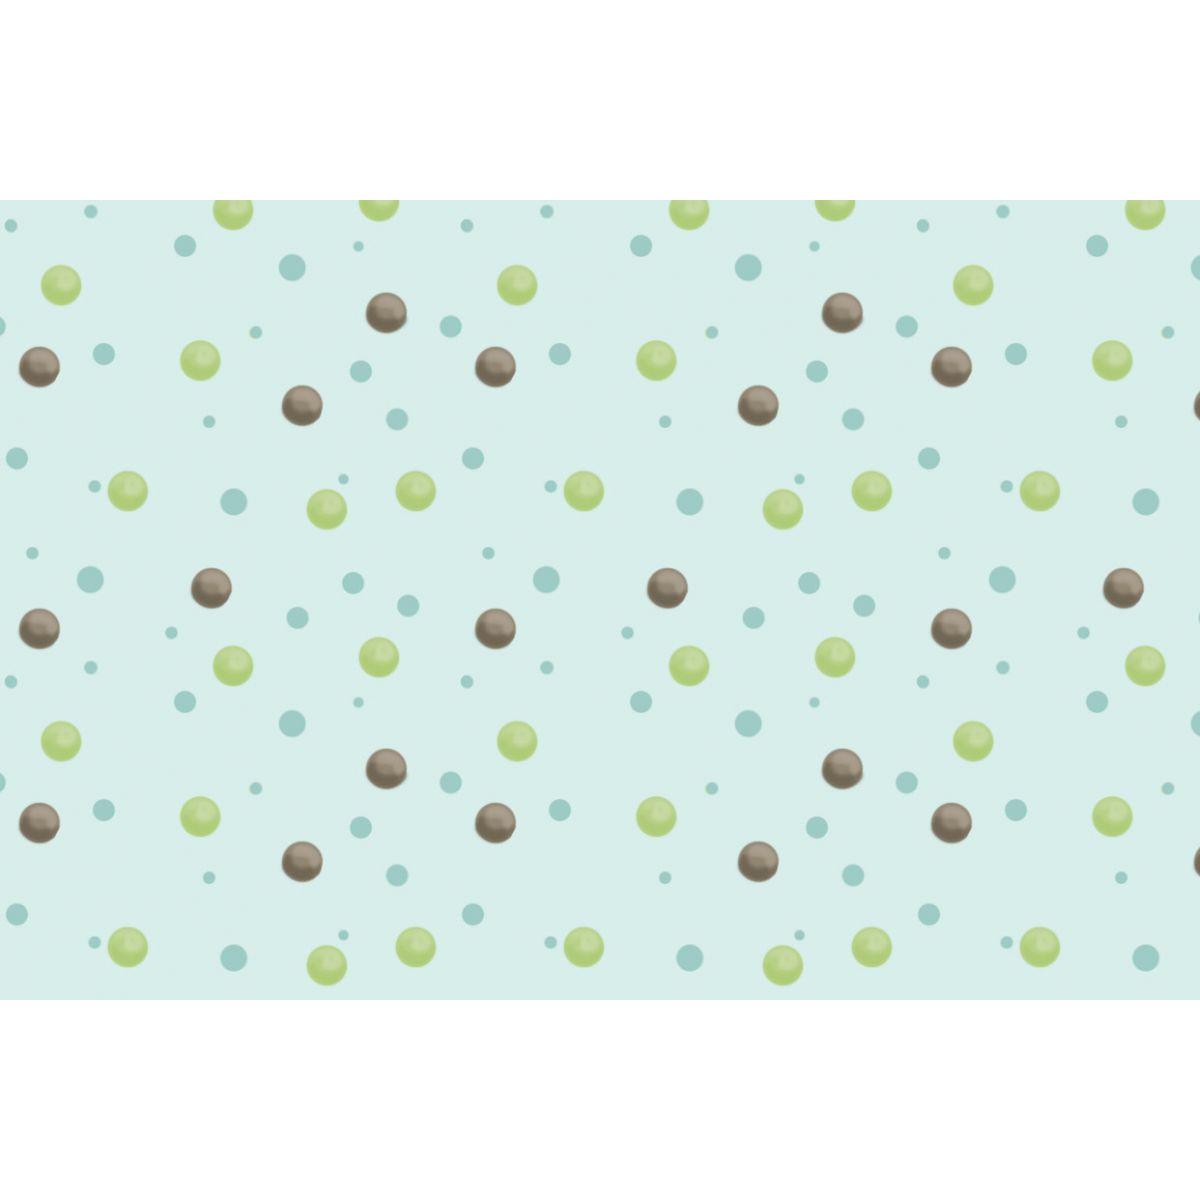 Tecido Digital Bolas Coloridas Acqua  - Tecidos Digitais